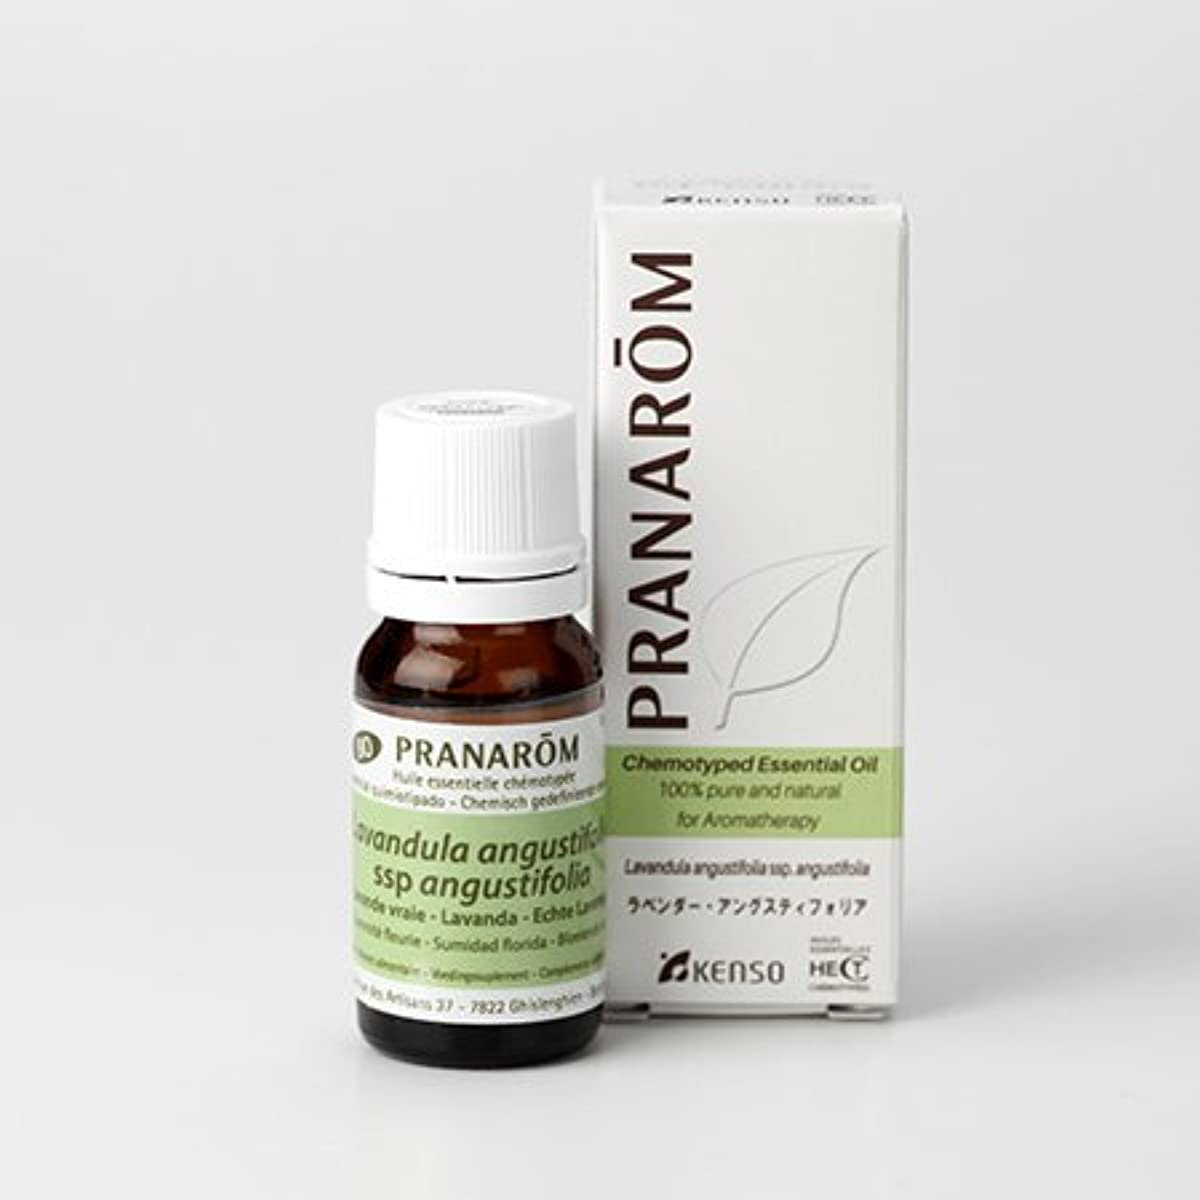 黙黒人カストディアンプラナロム精油(P-098 ラベンダーアングスティフォリア?10ml)